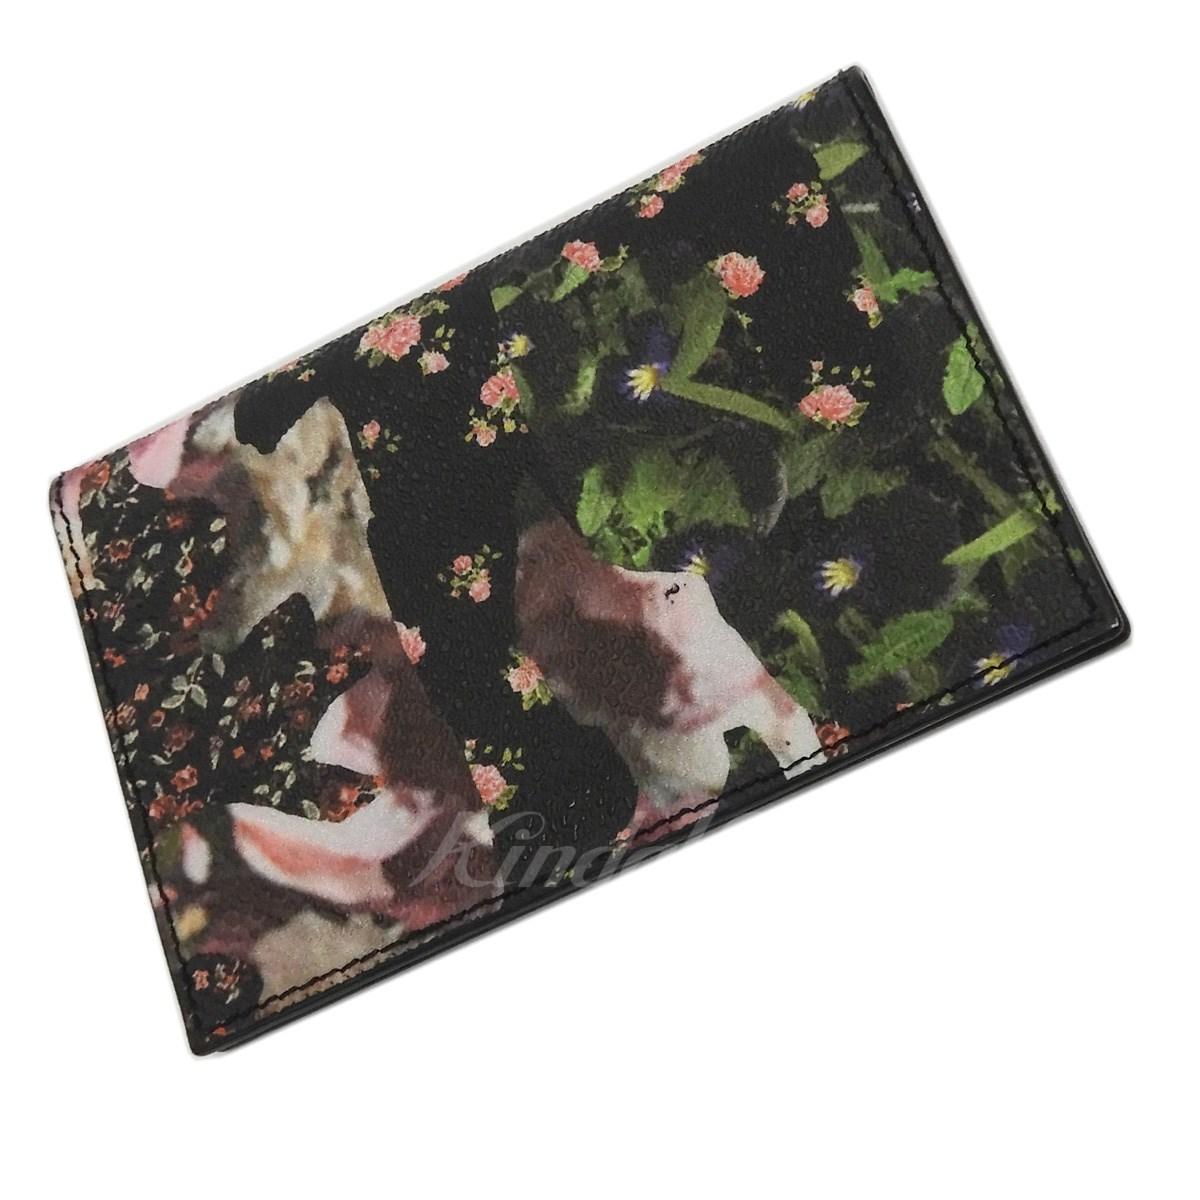 【中古】GIVENCHY 花柄カードケース 【送料無料】 【127492】 【KIND1550】